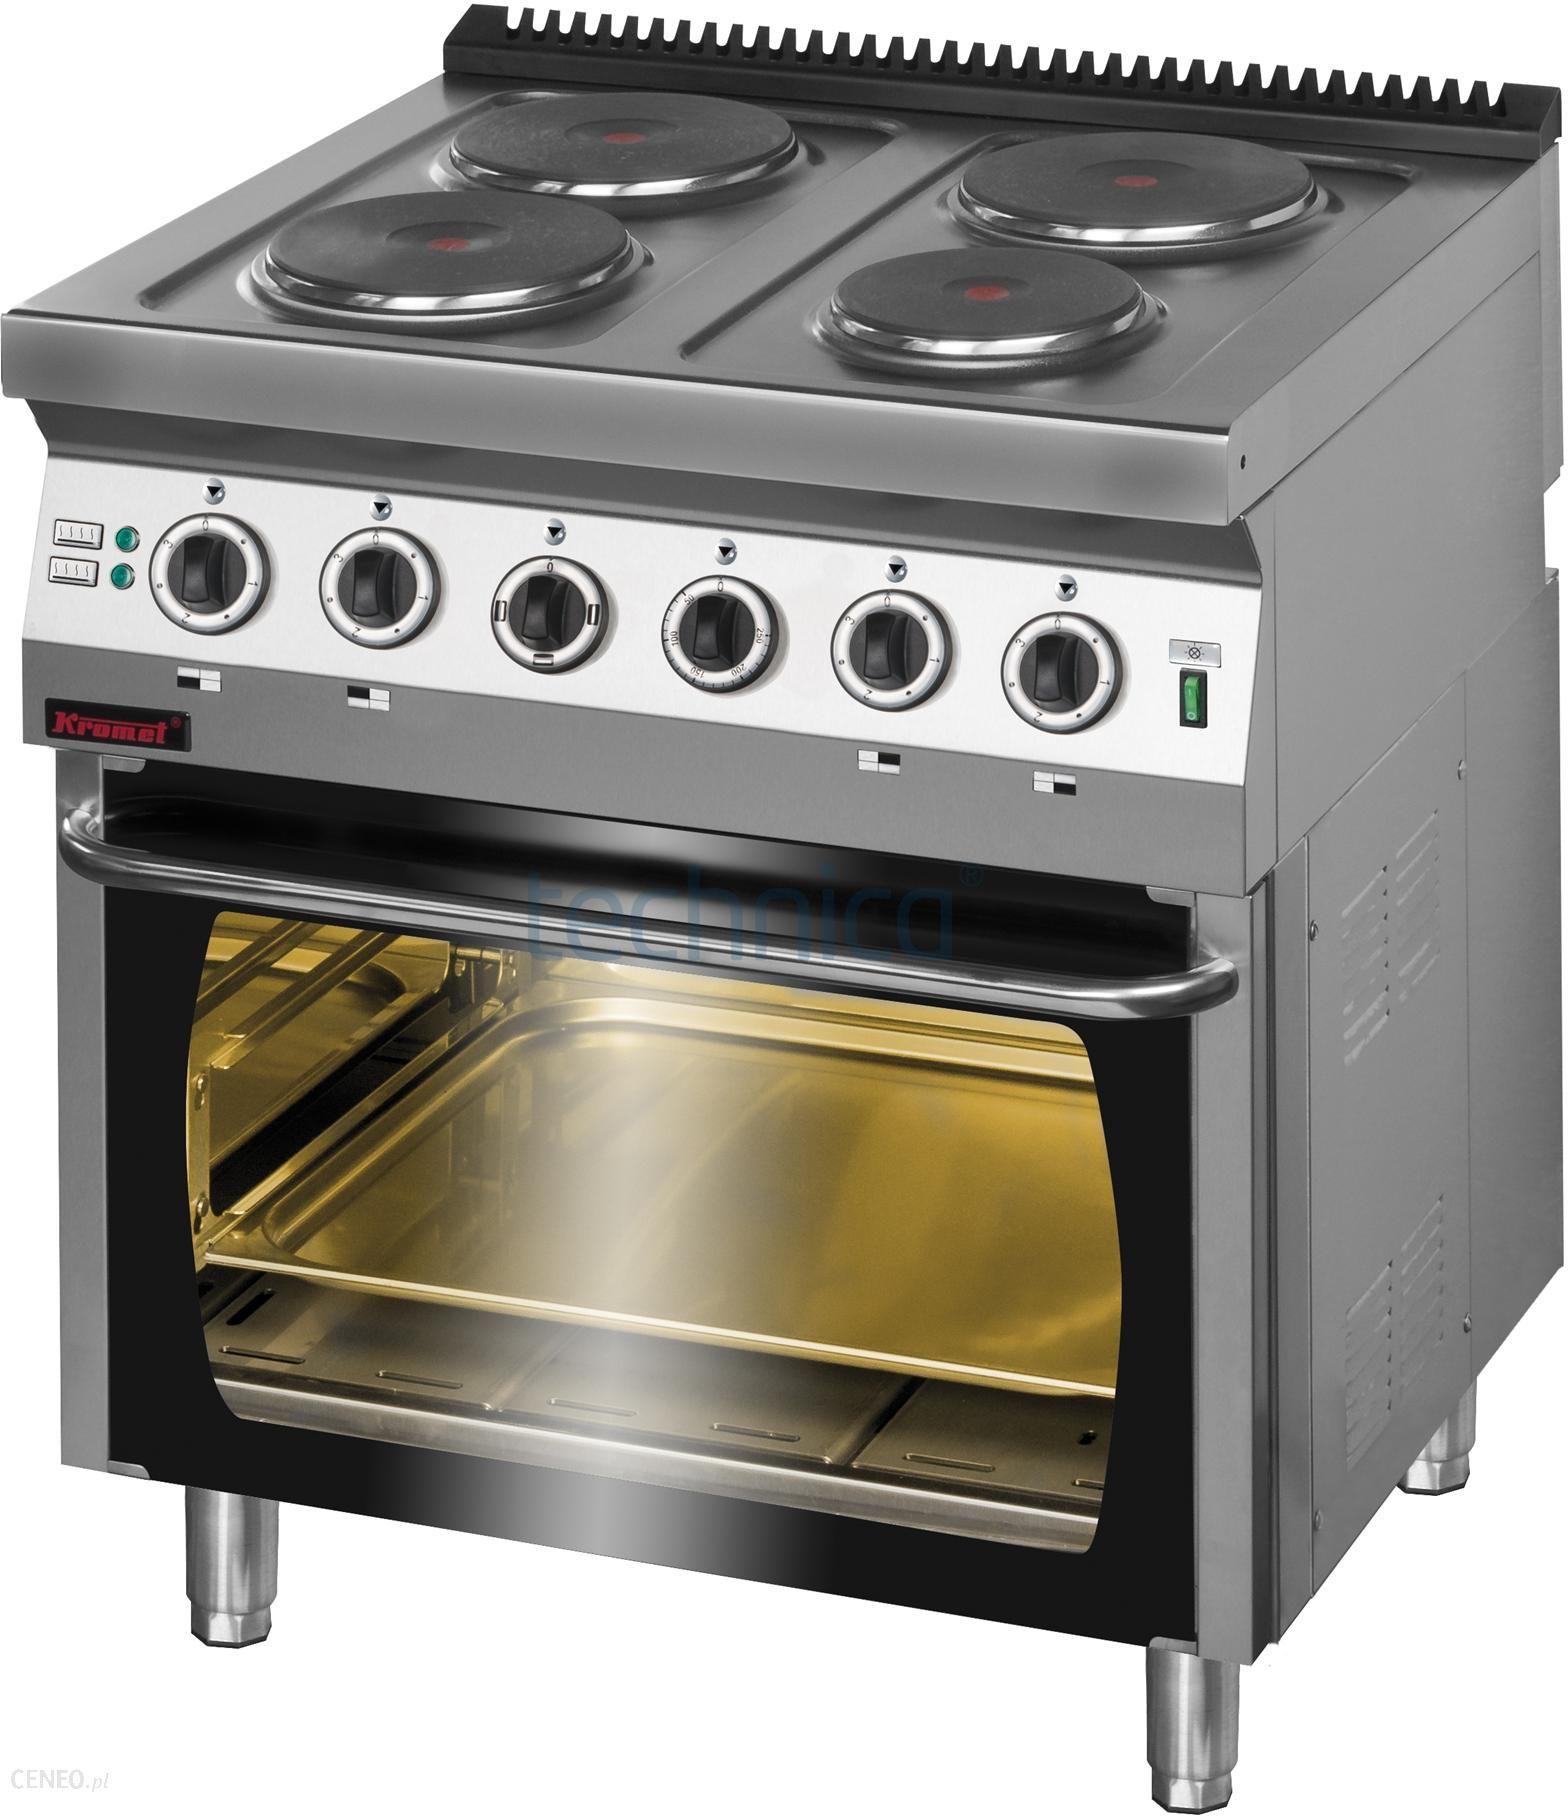 Kromet Kuchnia Elektryczna 4 Palnikowa Z Piekarnikiem Elektrycznym 700 Ke 4 Pe 2 Ceny I Opinie Ceneo Pl